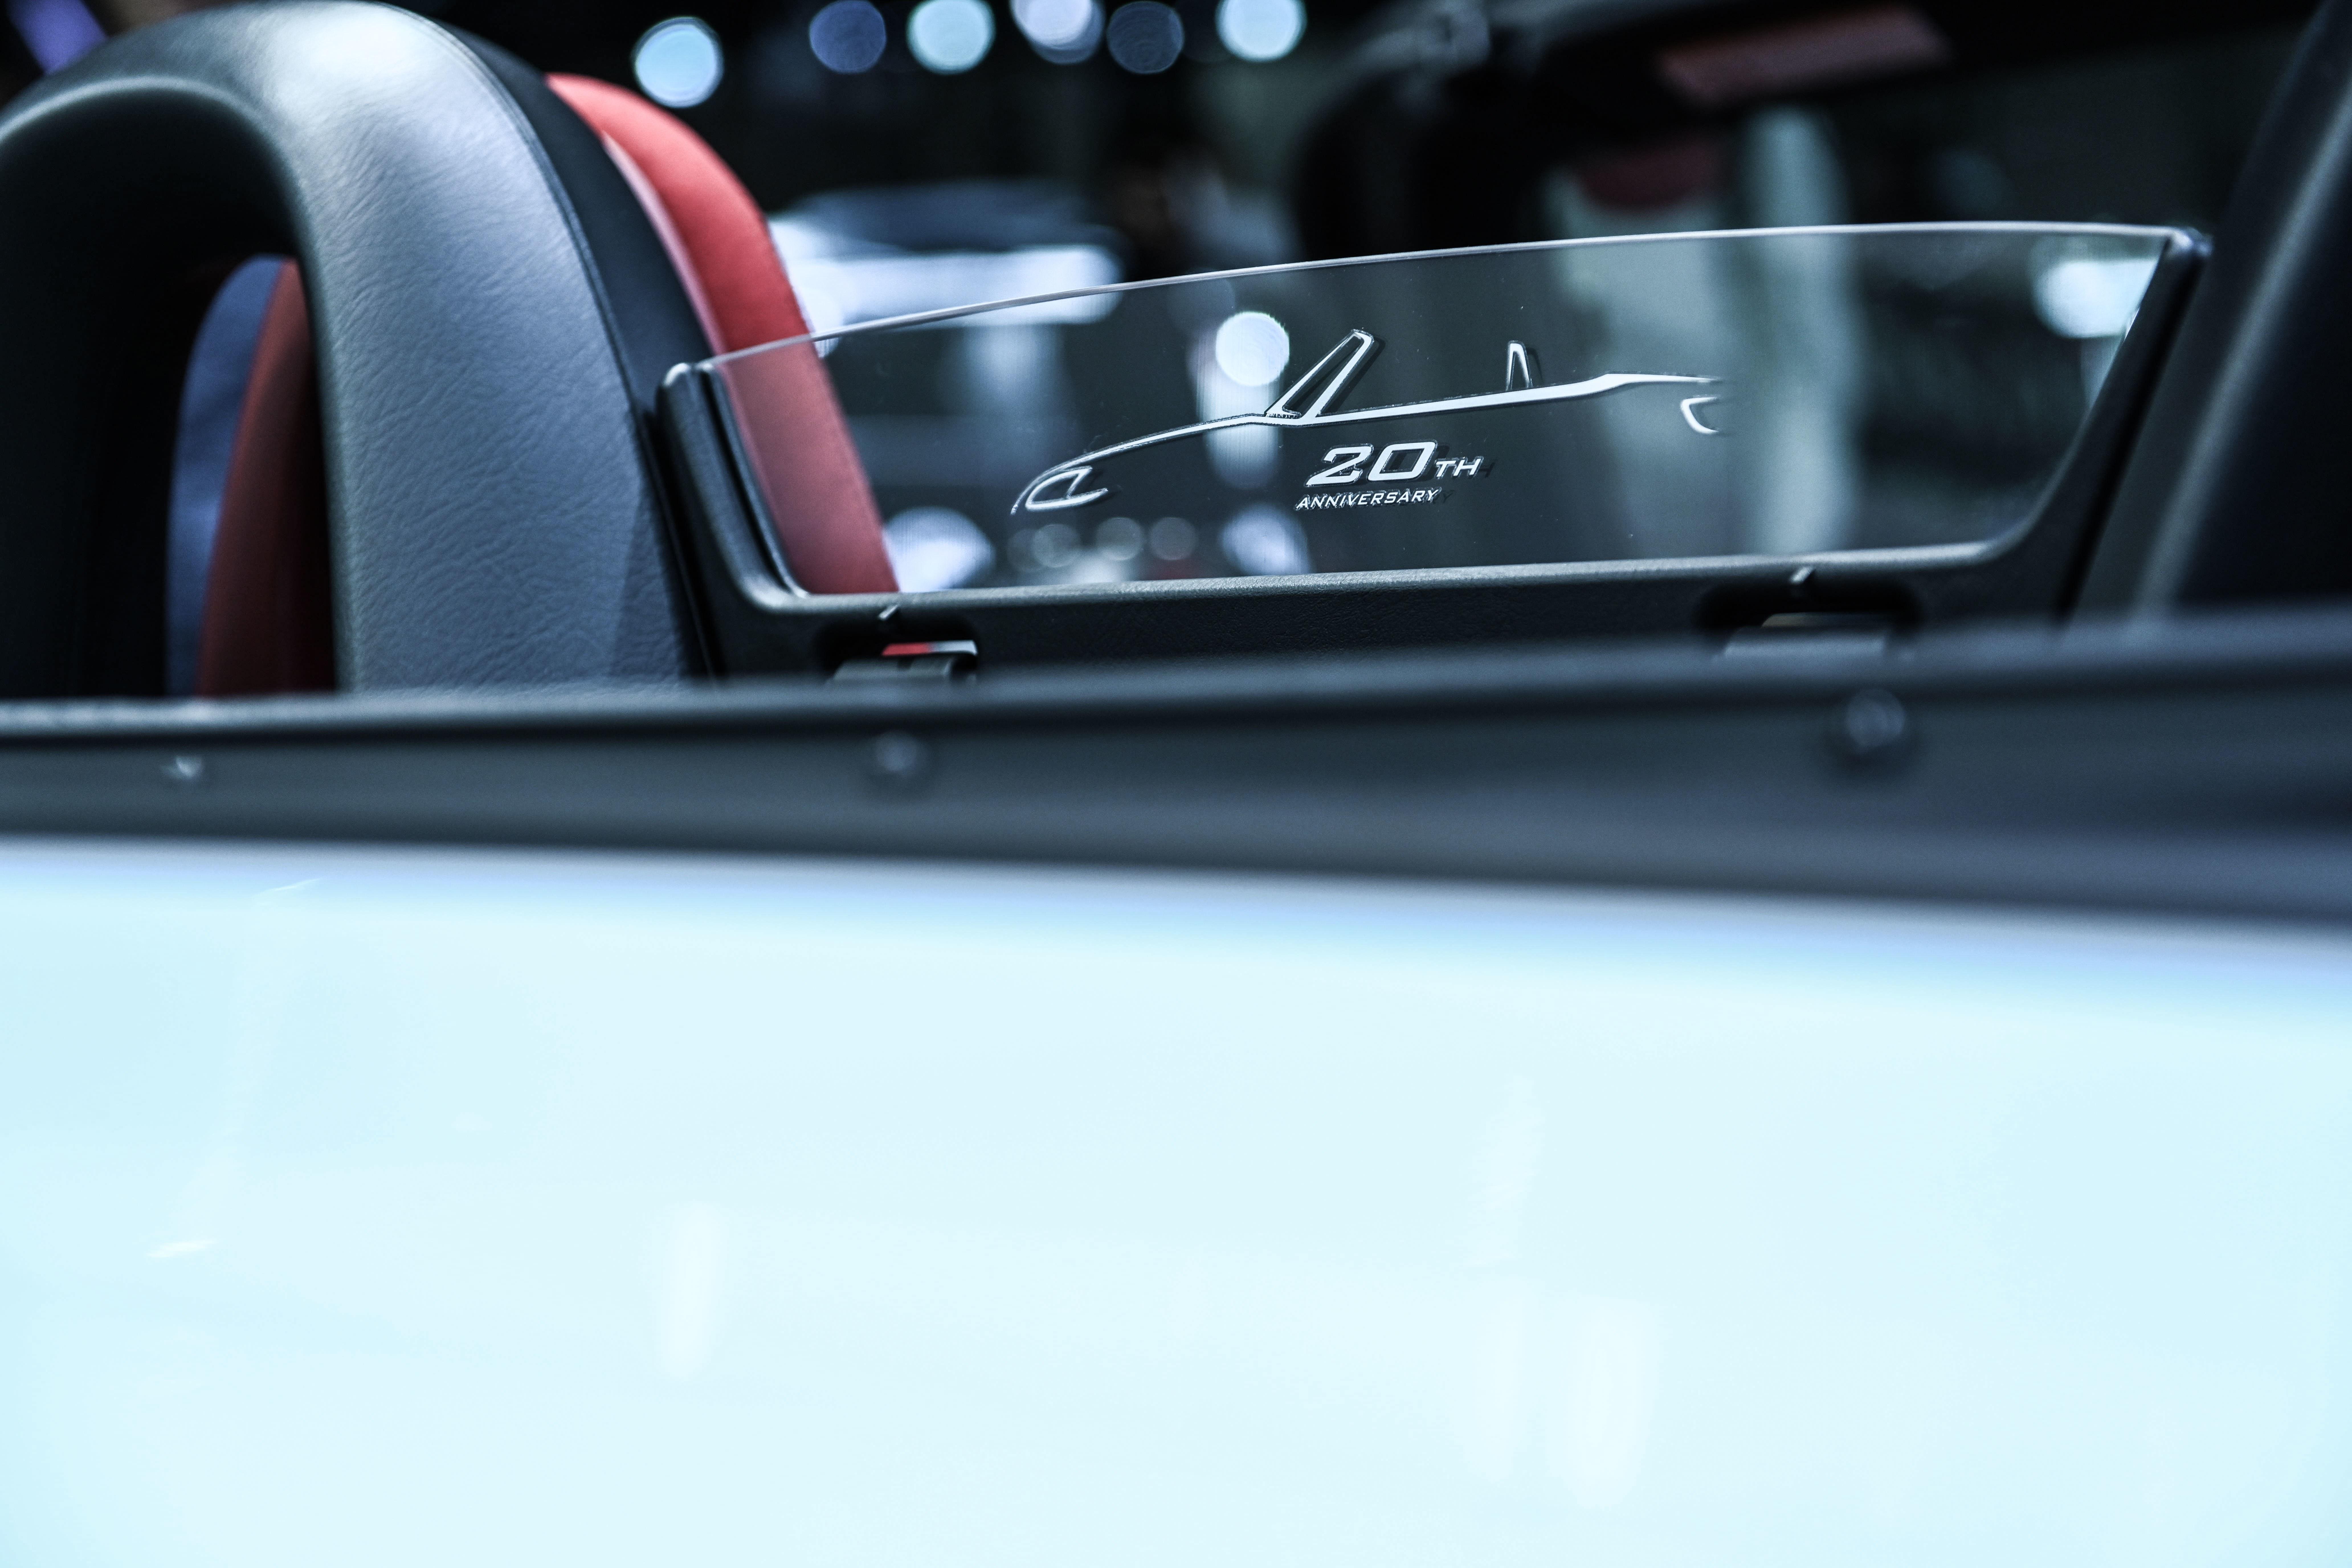 ホンダ S2000、誕生20年目のマイナーチェンジ?  東京オートサロン2020リポート【第15弾:ホンダ S2000 20th アニバーサリープロトタイプ編】